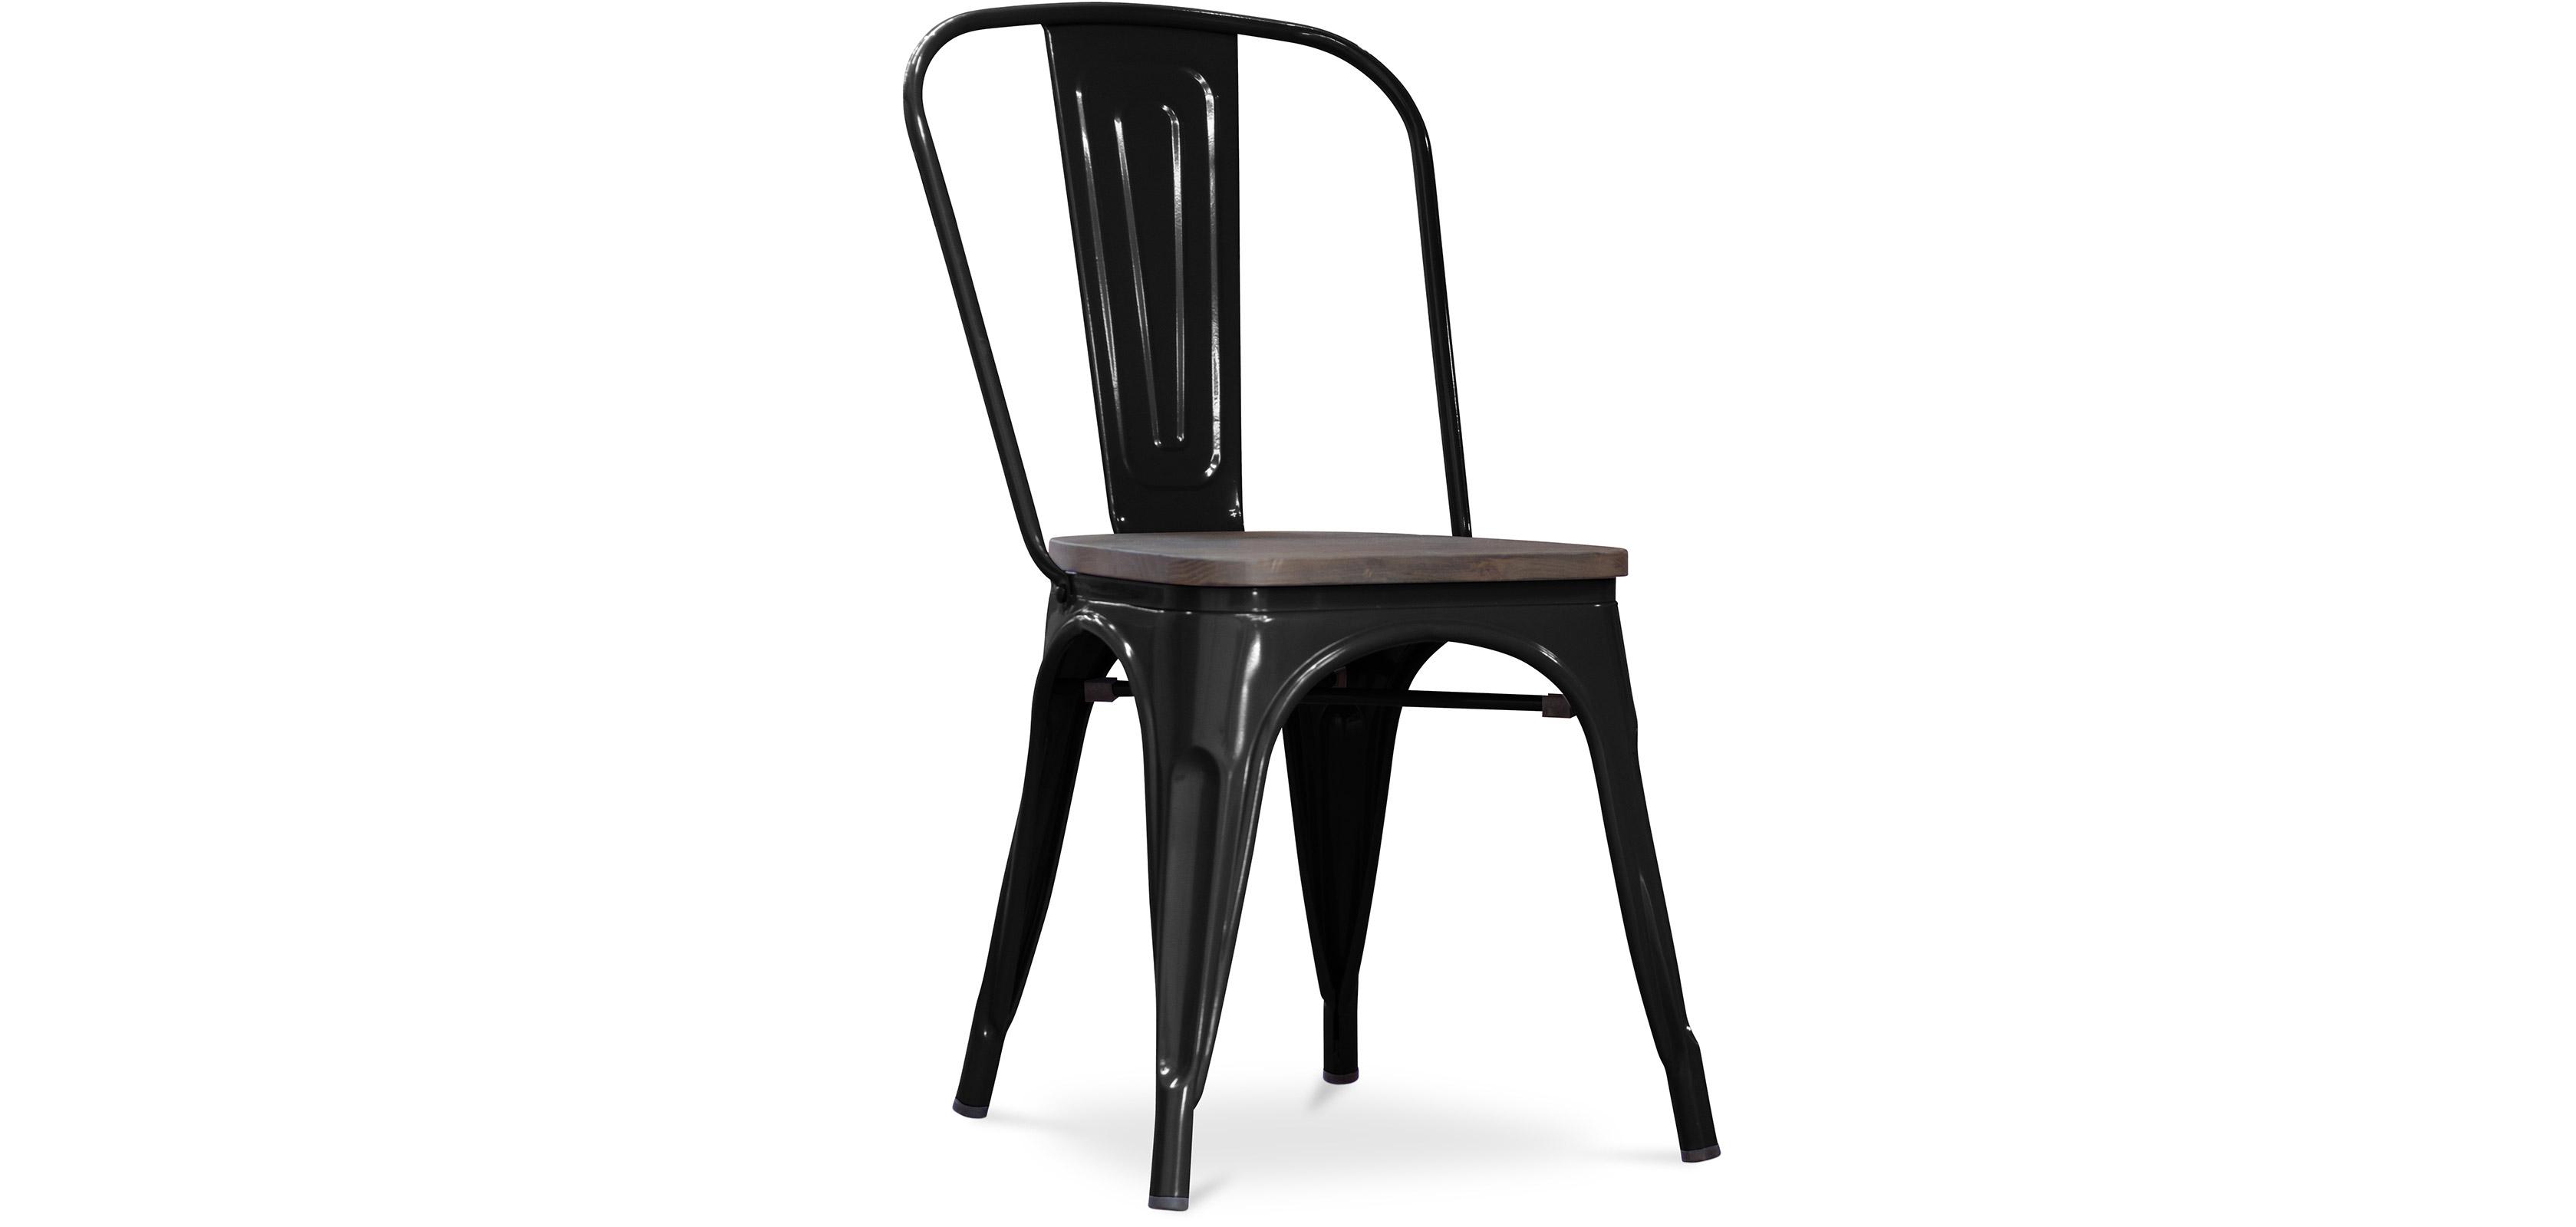 chaise tolix assise en bois xavier pauchard. Black Bedroom Furniture Sets. Home Design Ideas